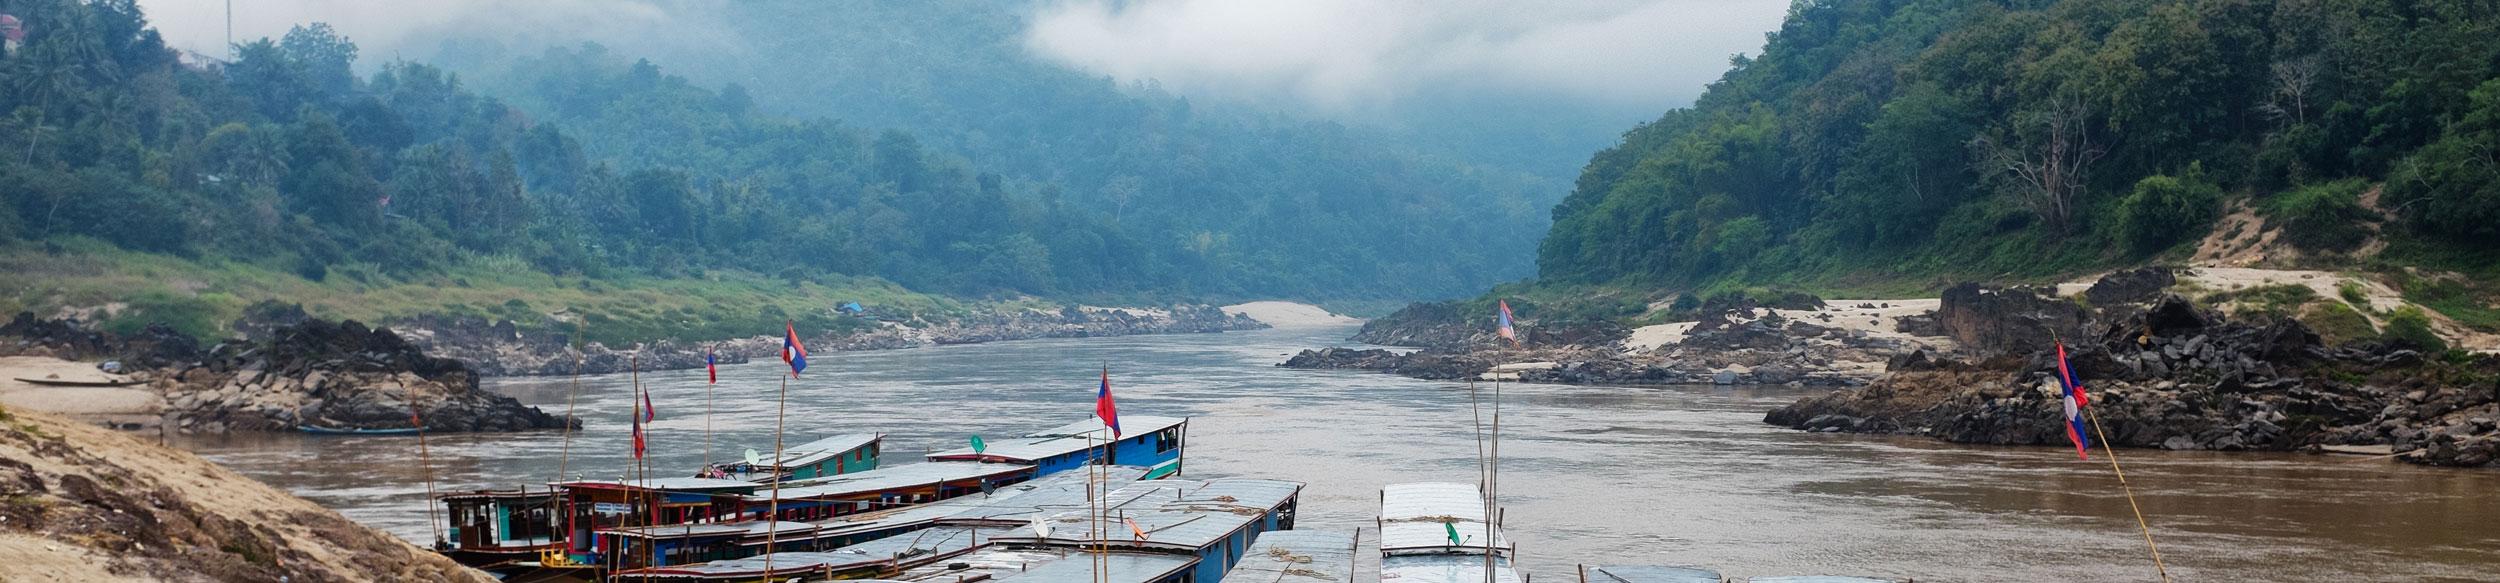 Rivière dans la région de Pakbeng